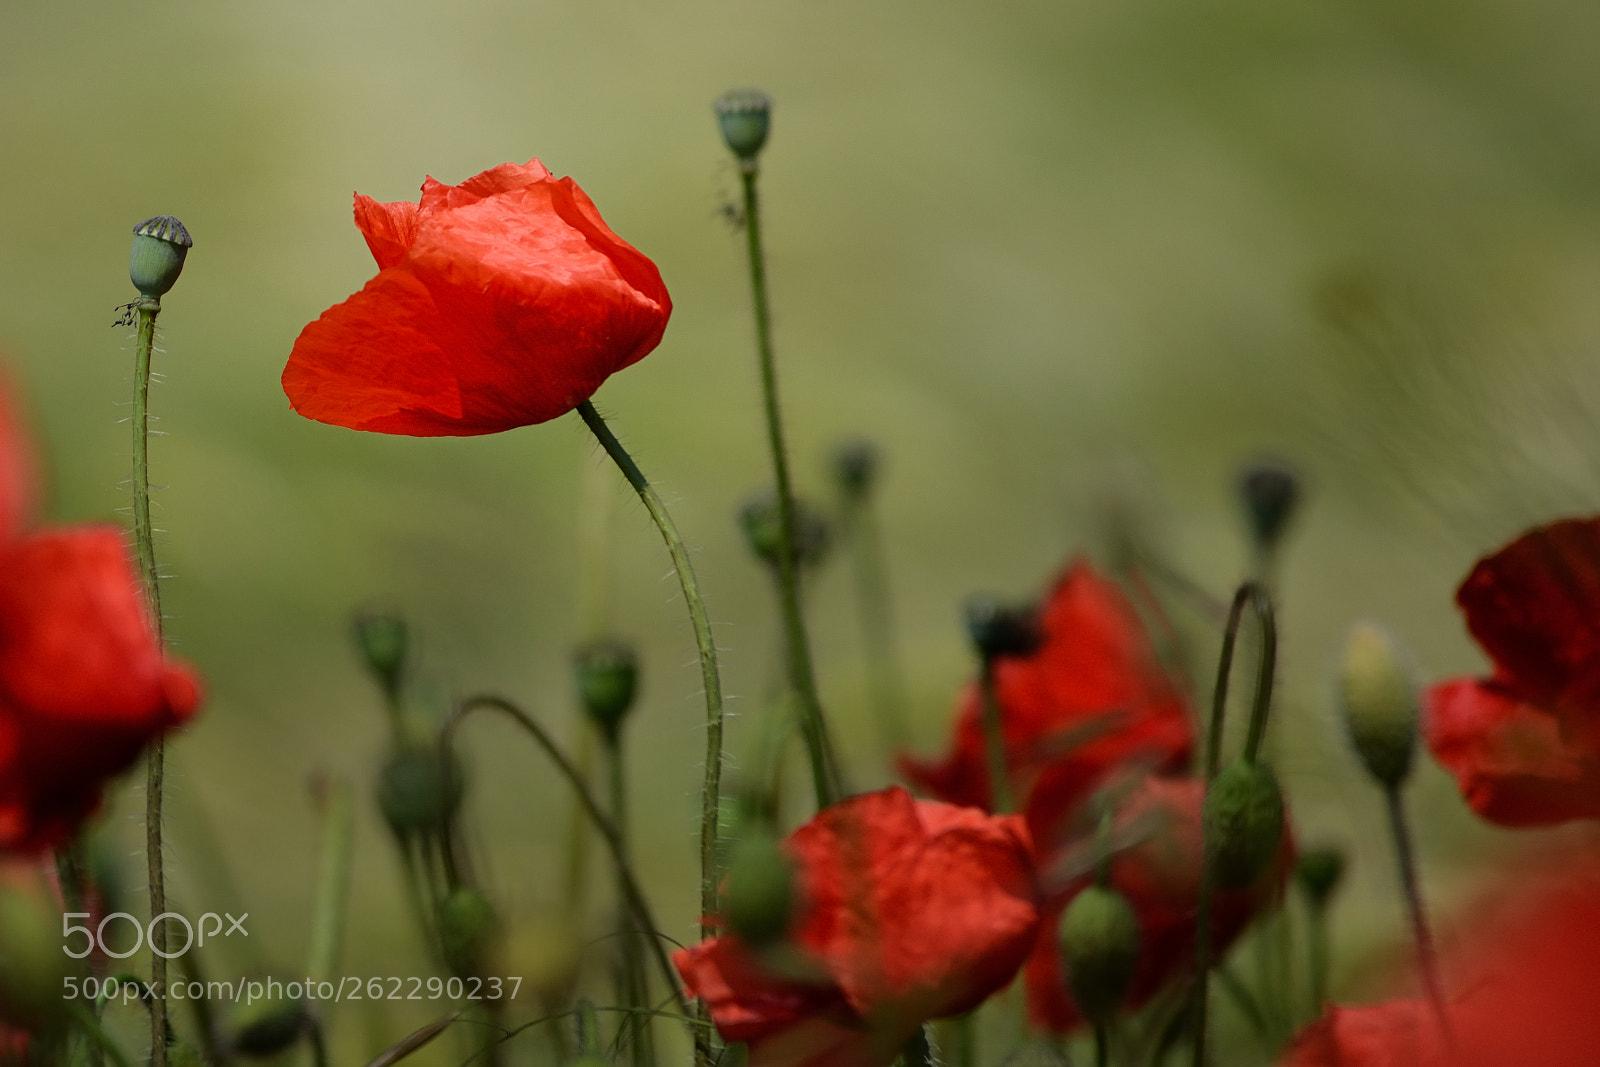 wildflower, Nikon D7000, AF VR Zoom-Nikkor 80-400mm f/4.5-5.6D ED